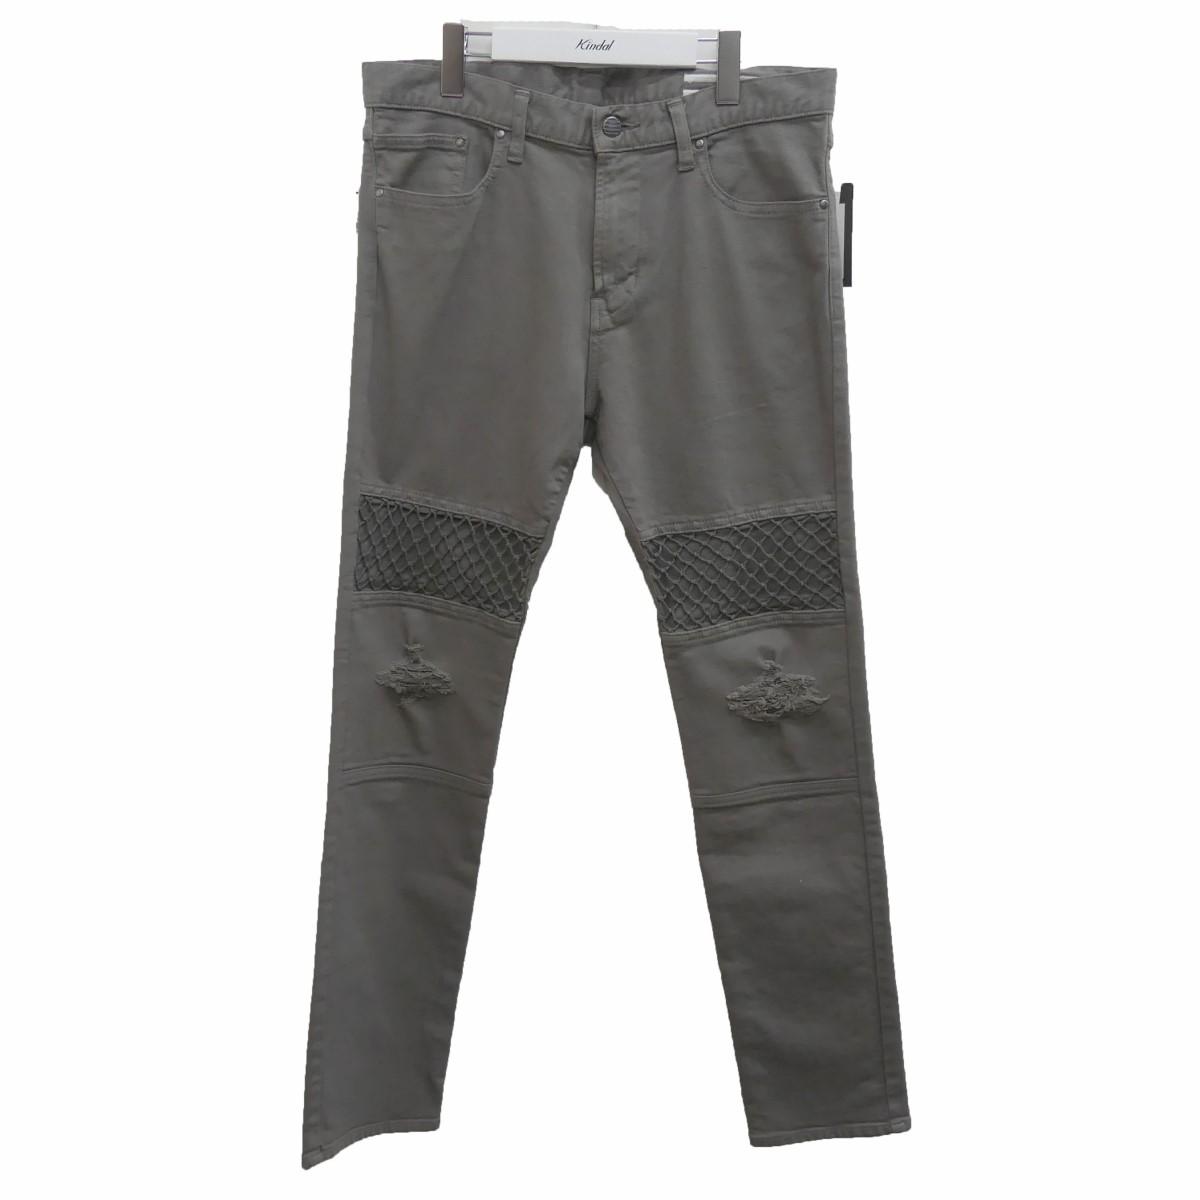 【中古】JOINTRUST SLIM NET DENIM PANTS スリムネットデニムパンツ グレー サイズ:2 【270620】(ジョイントラスト)